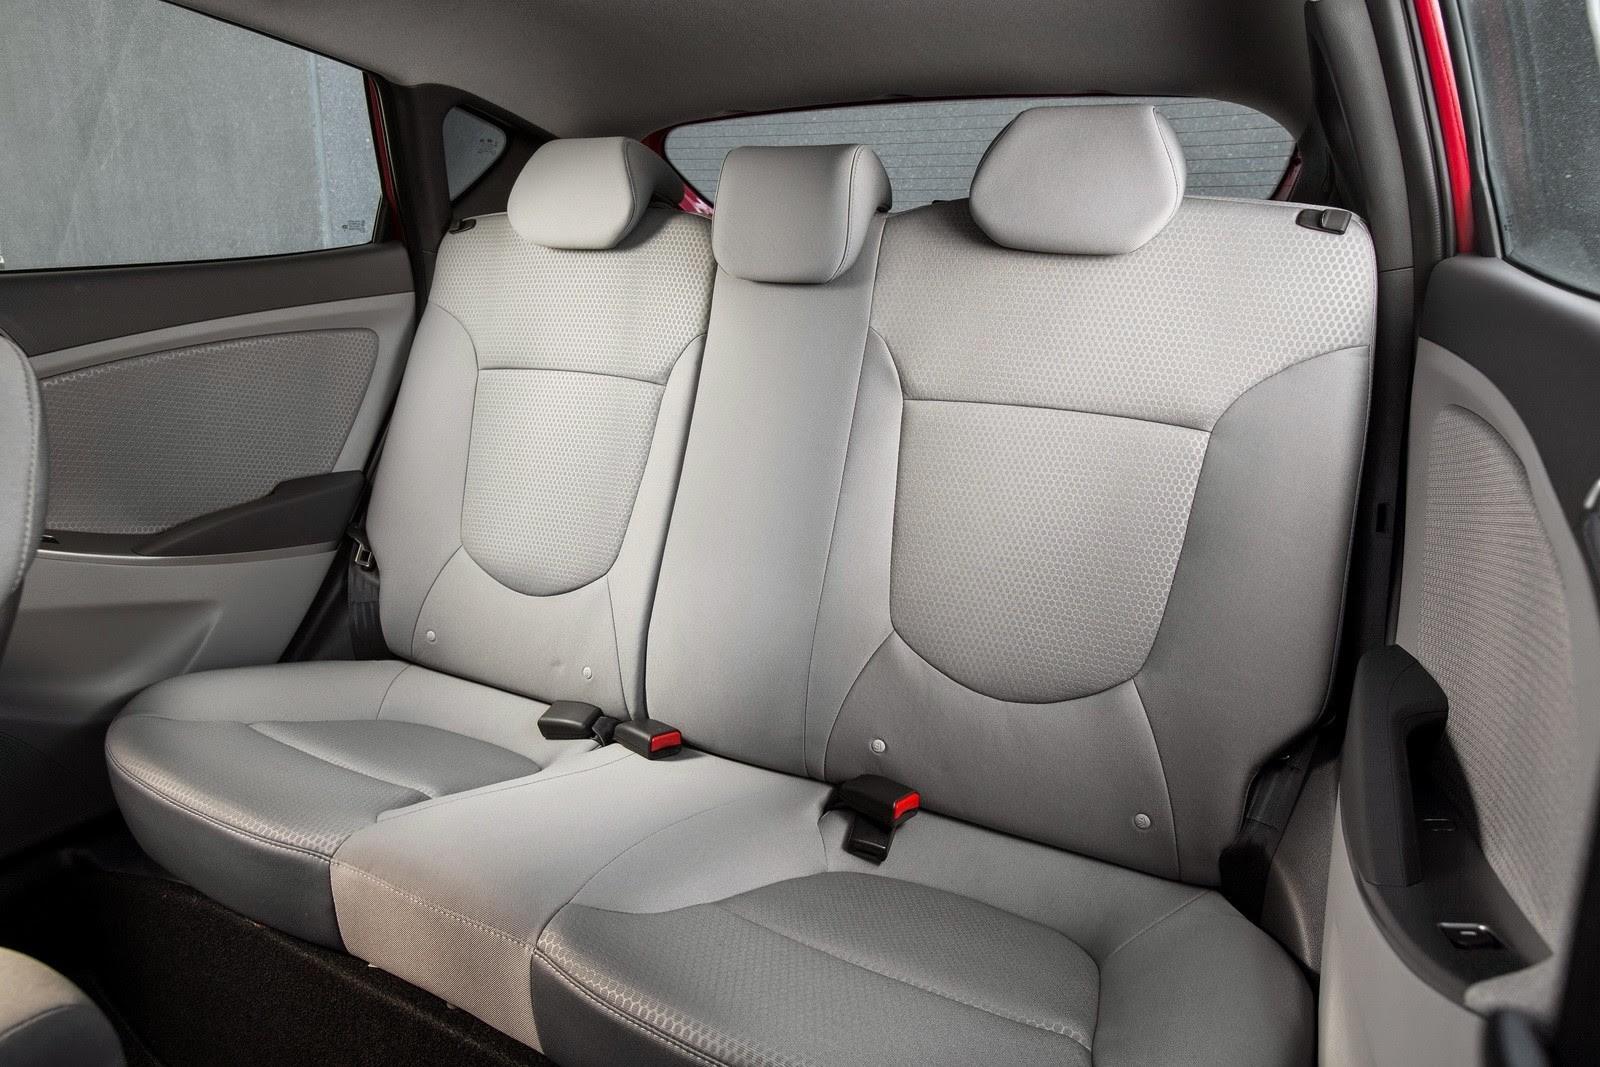 Xe hatchback nào tốt nhất cho phụ nữ? - ảnh 16